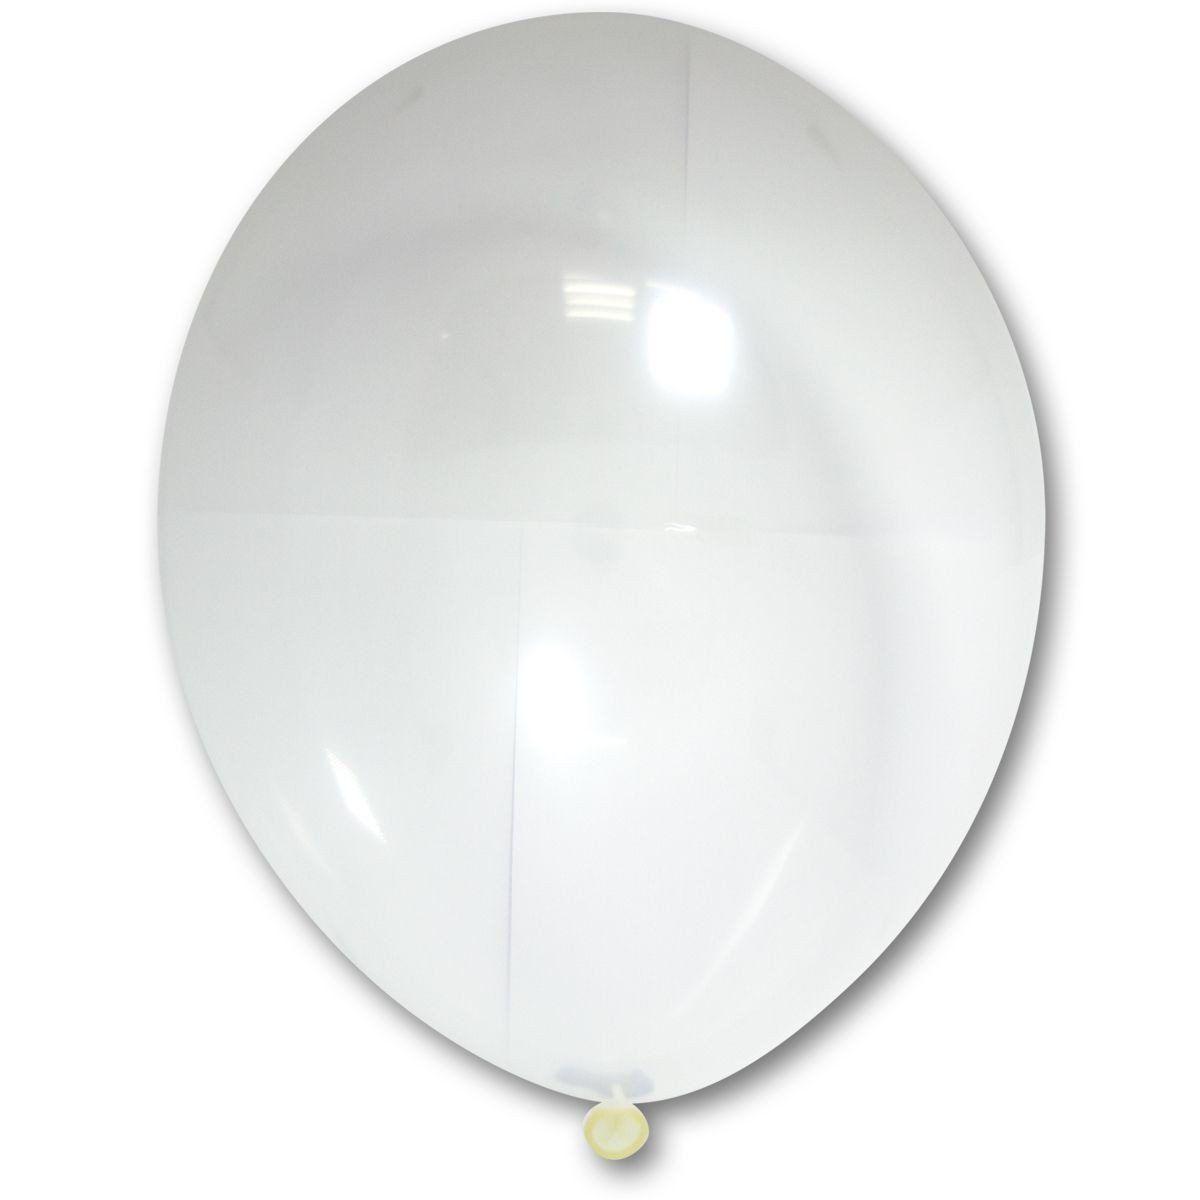 Латексные шары круглые без рисунка  В 105/038 кристалл прозрачный